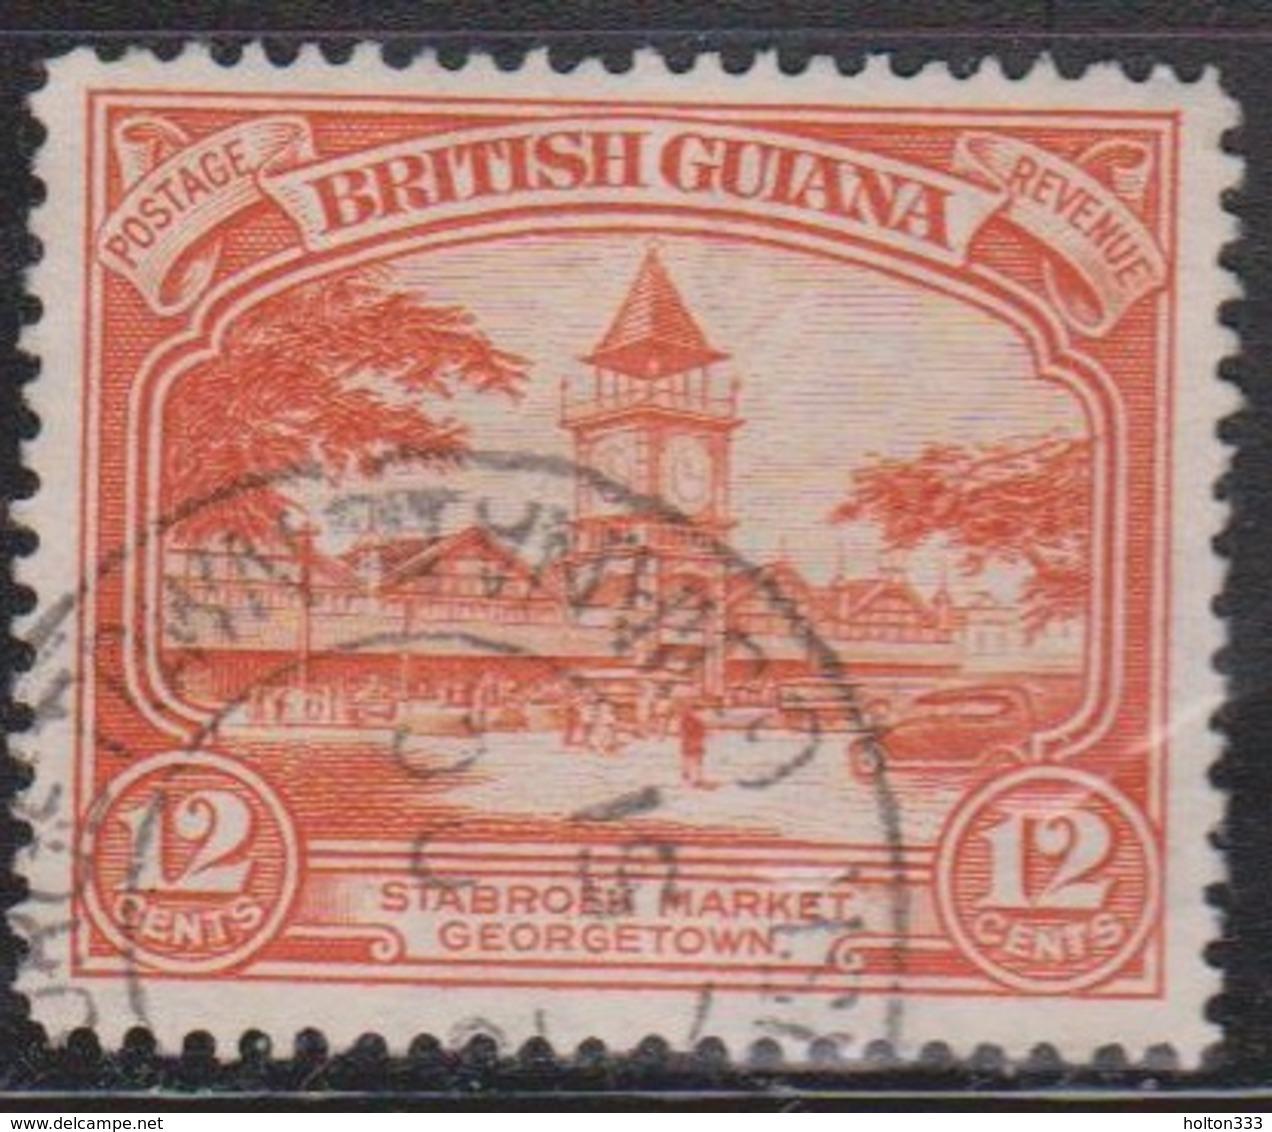 BRITISH GUIANA Scott # 215 Used - KGV & Stabroek Market, Georgetown - British Guiana (...-1966)